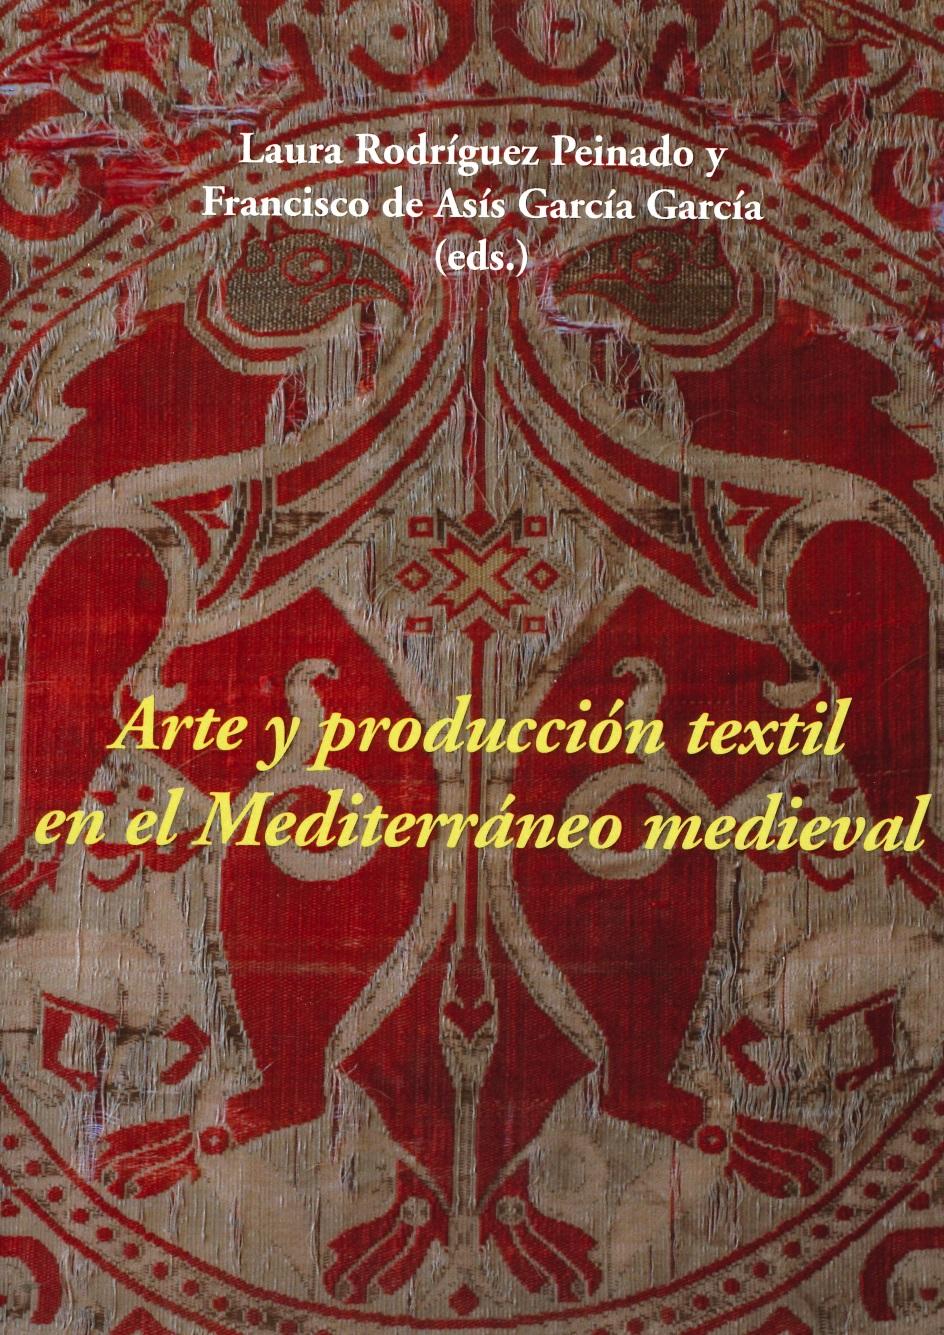 arte_y_produccion_textil.jpg